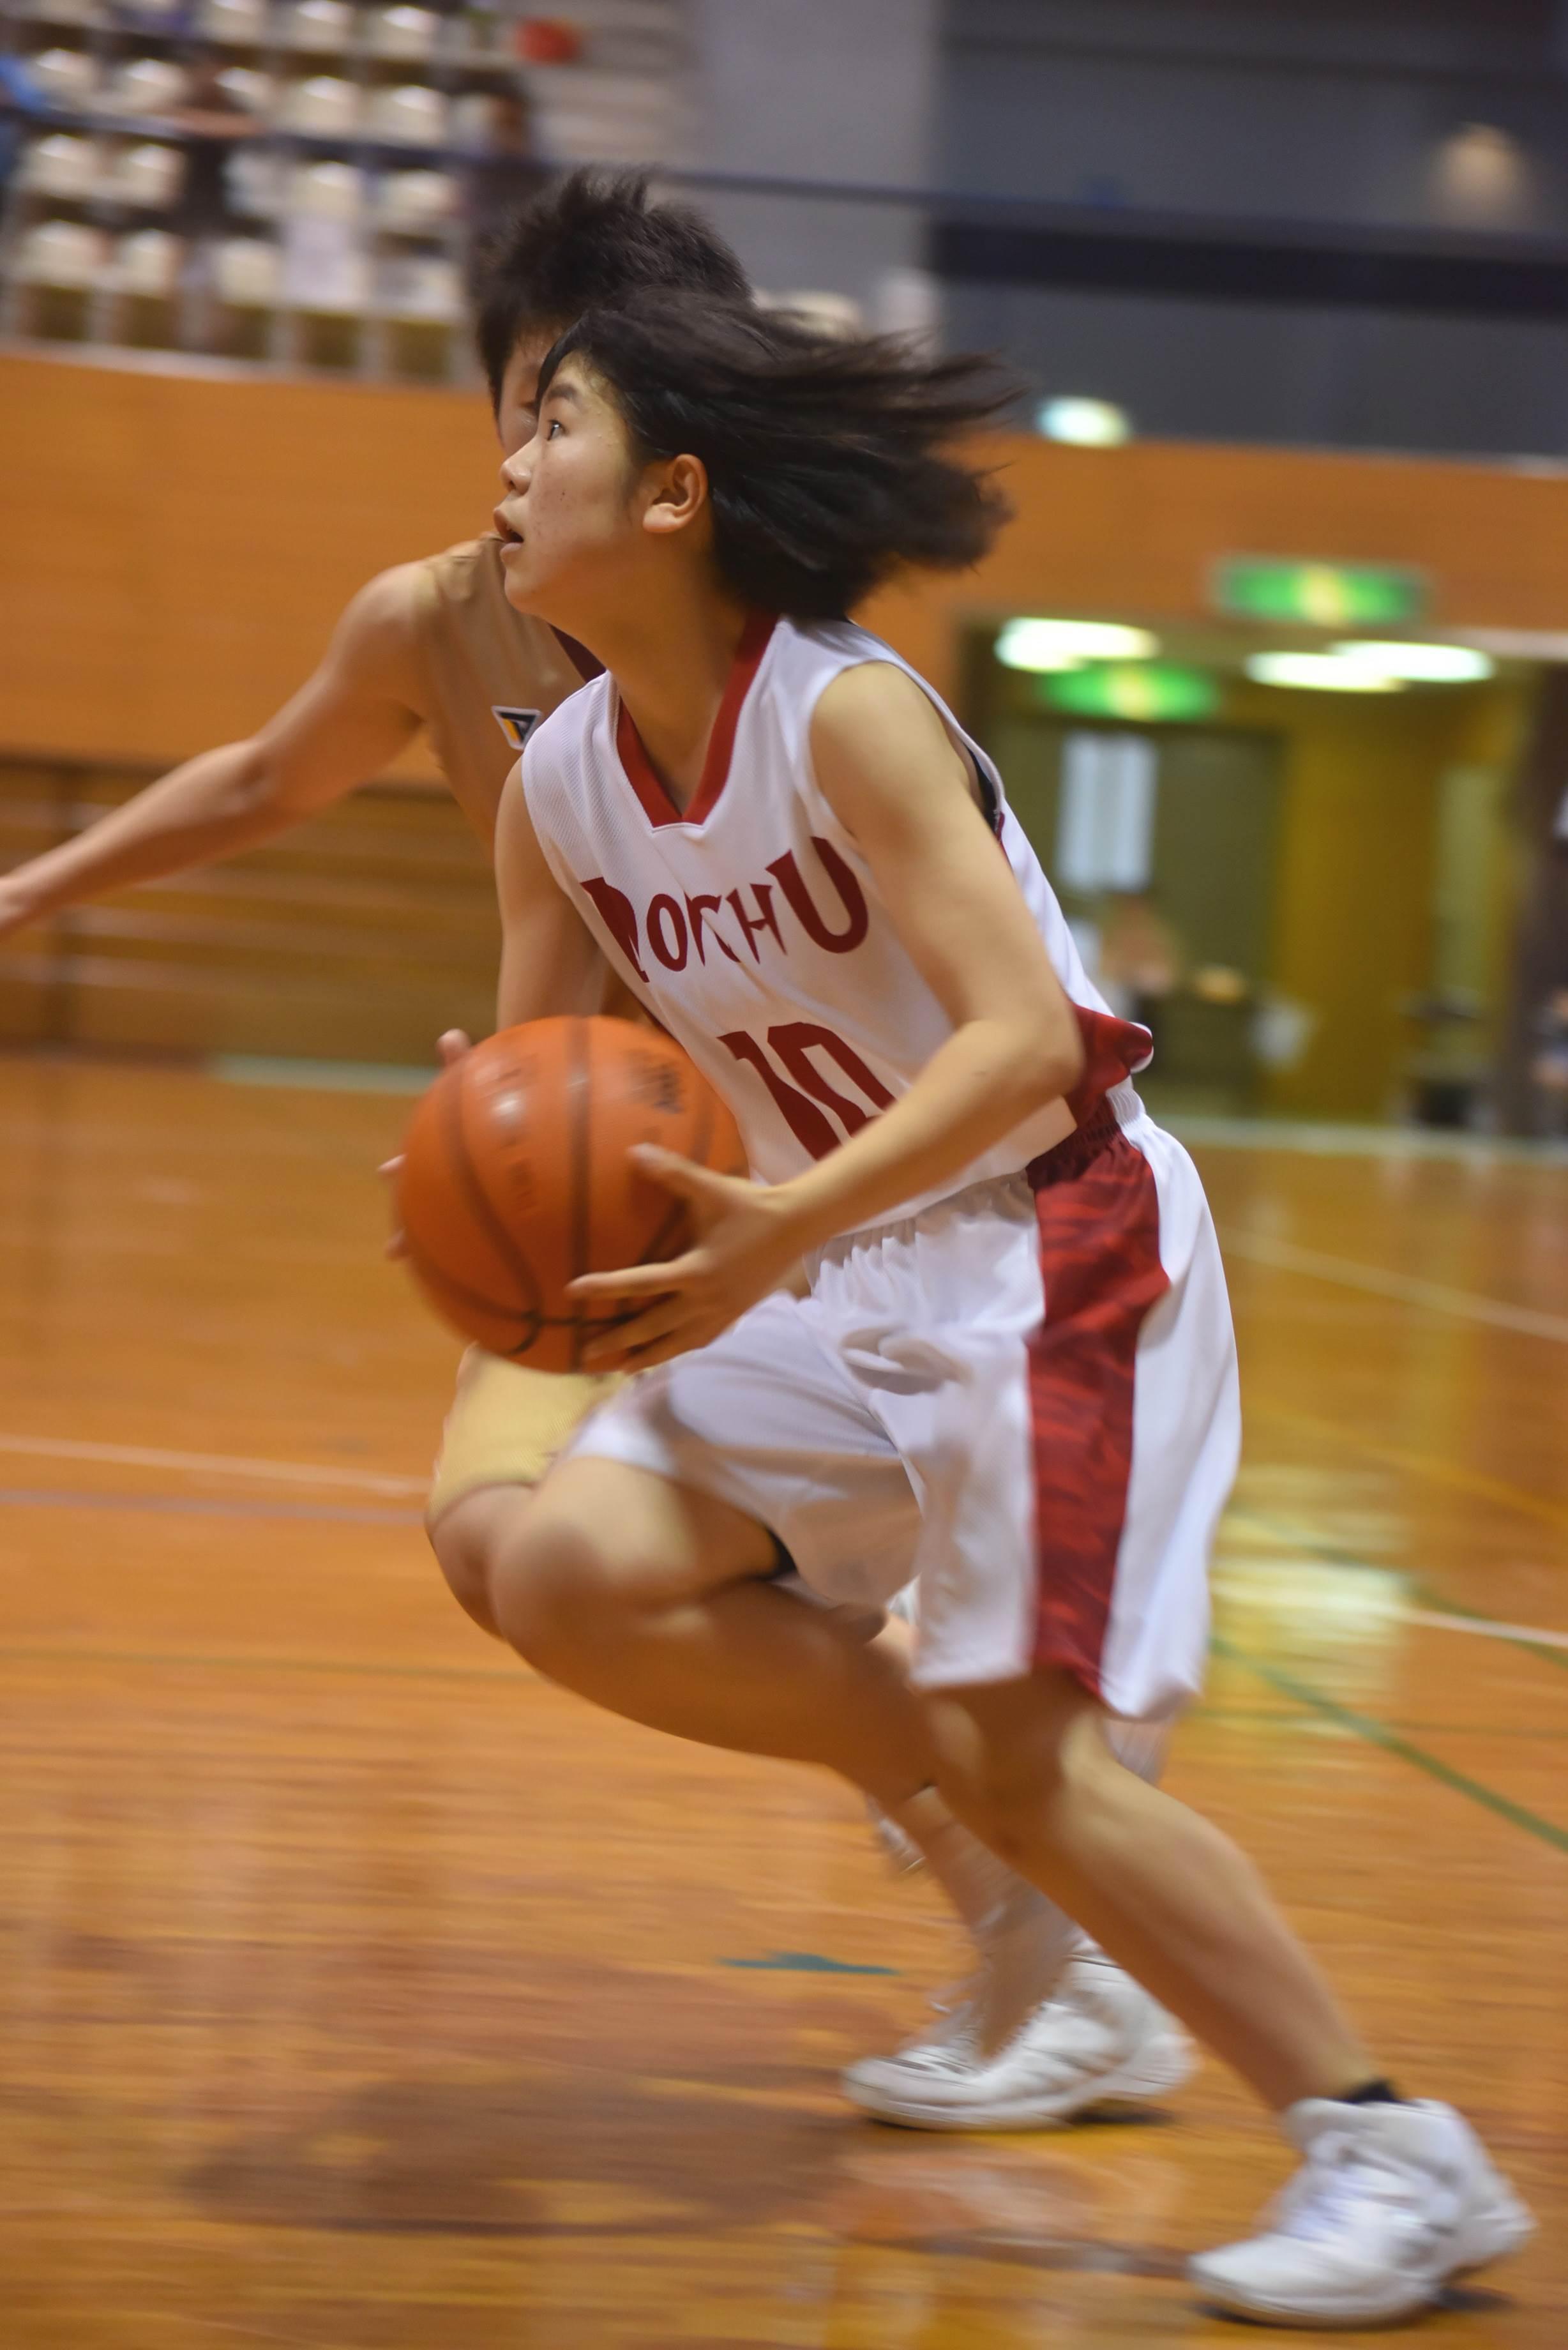 バスケットボール (157)